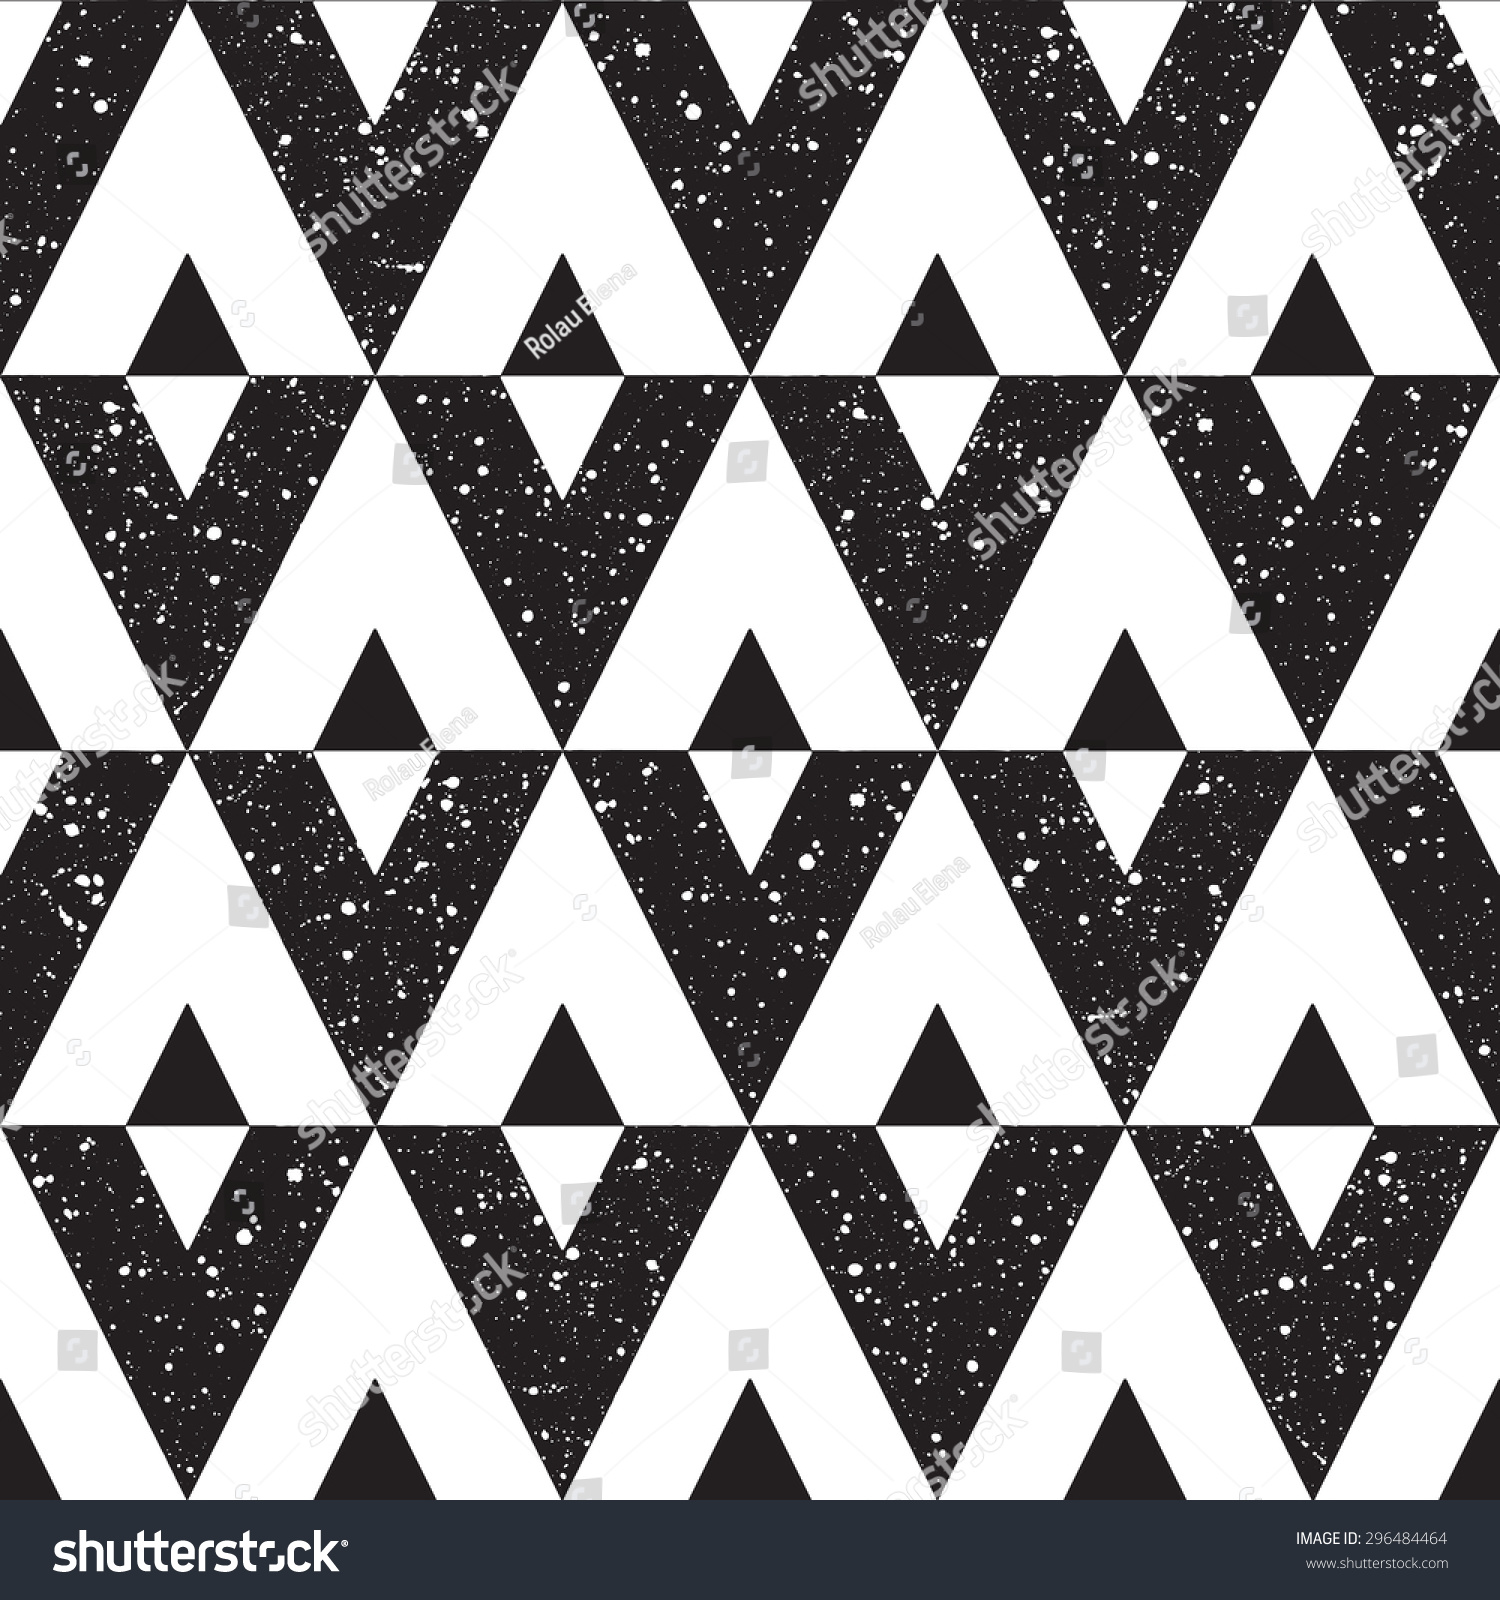 黑白手绘纹理.黑白色斑点.光栅的版本.